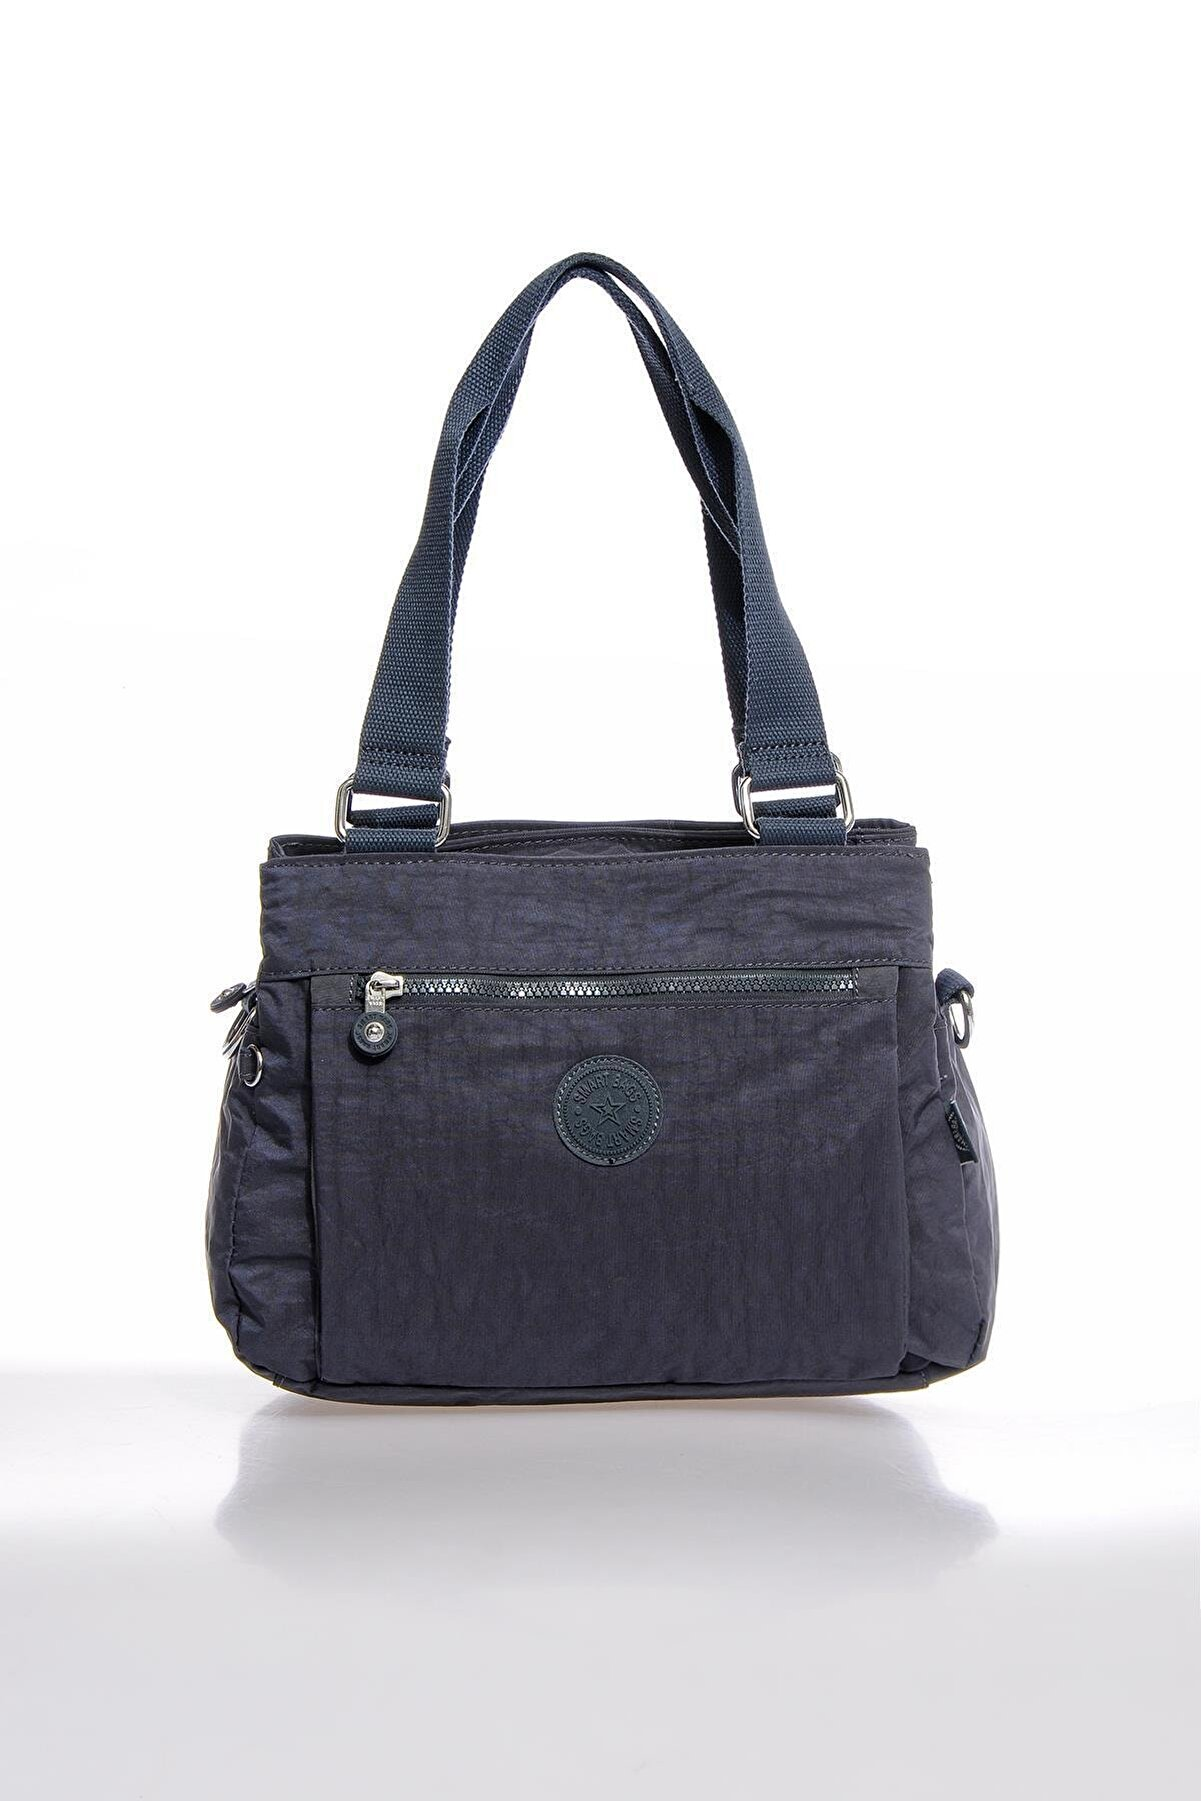 Smart Bags Smbky1125-0089 Füme Kadın Omuz Çantası